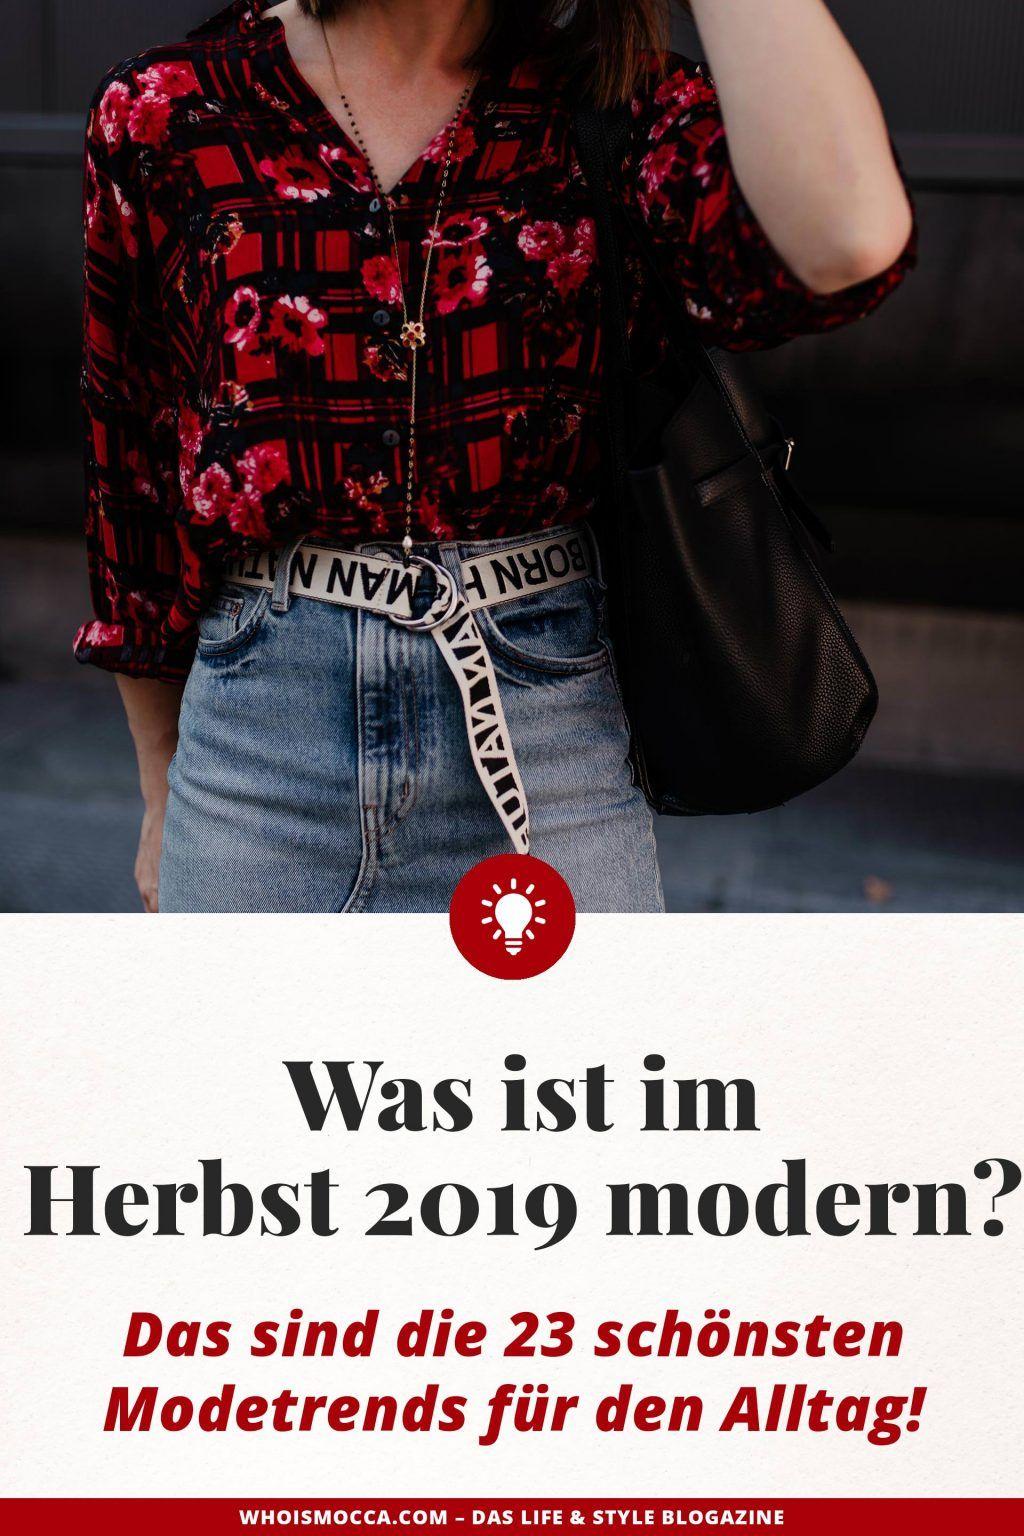 Was ist im Herbst 2019 modern? 23 schöne Modetrends für den Alltag!